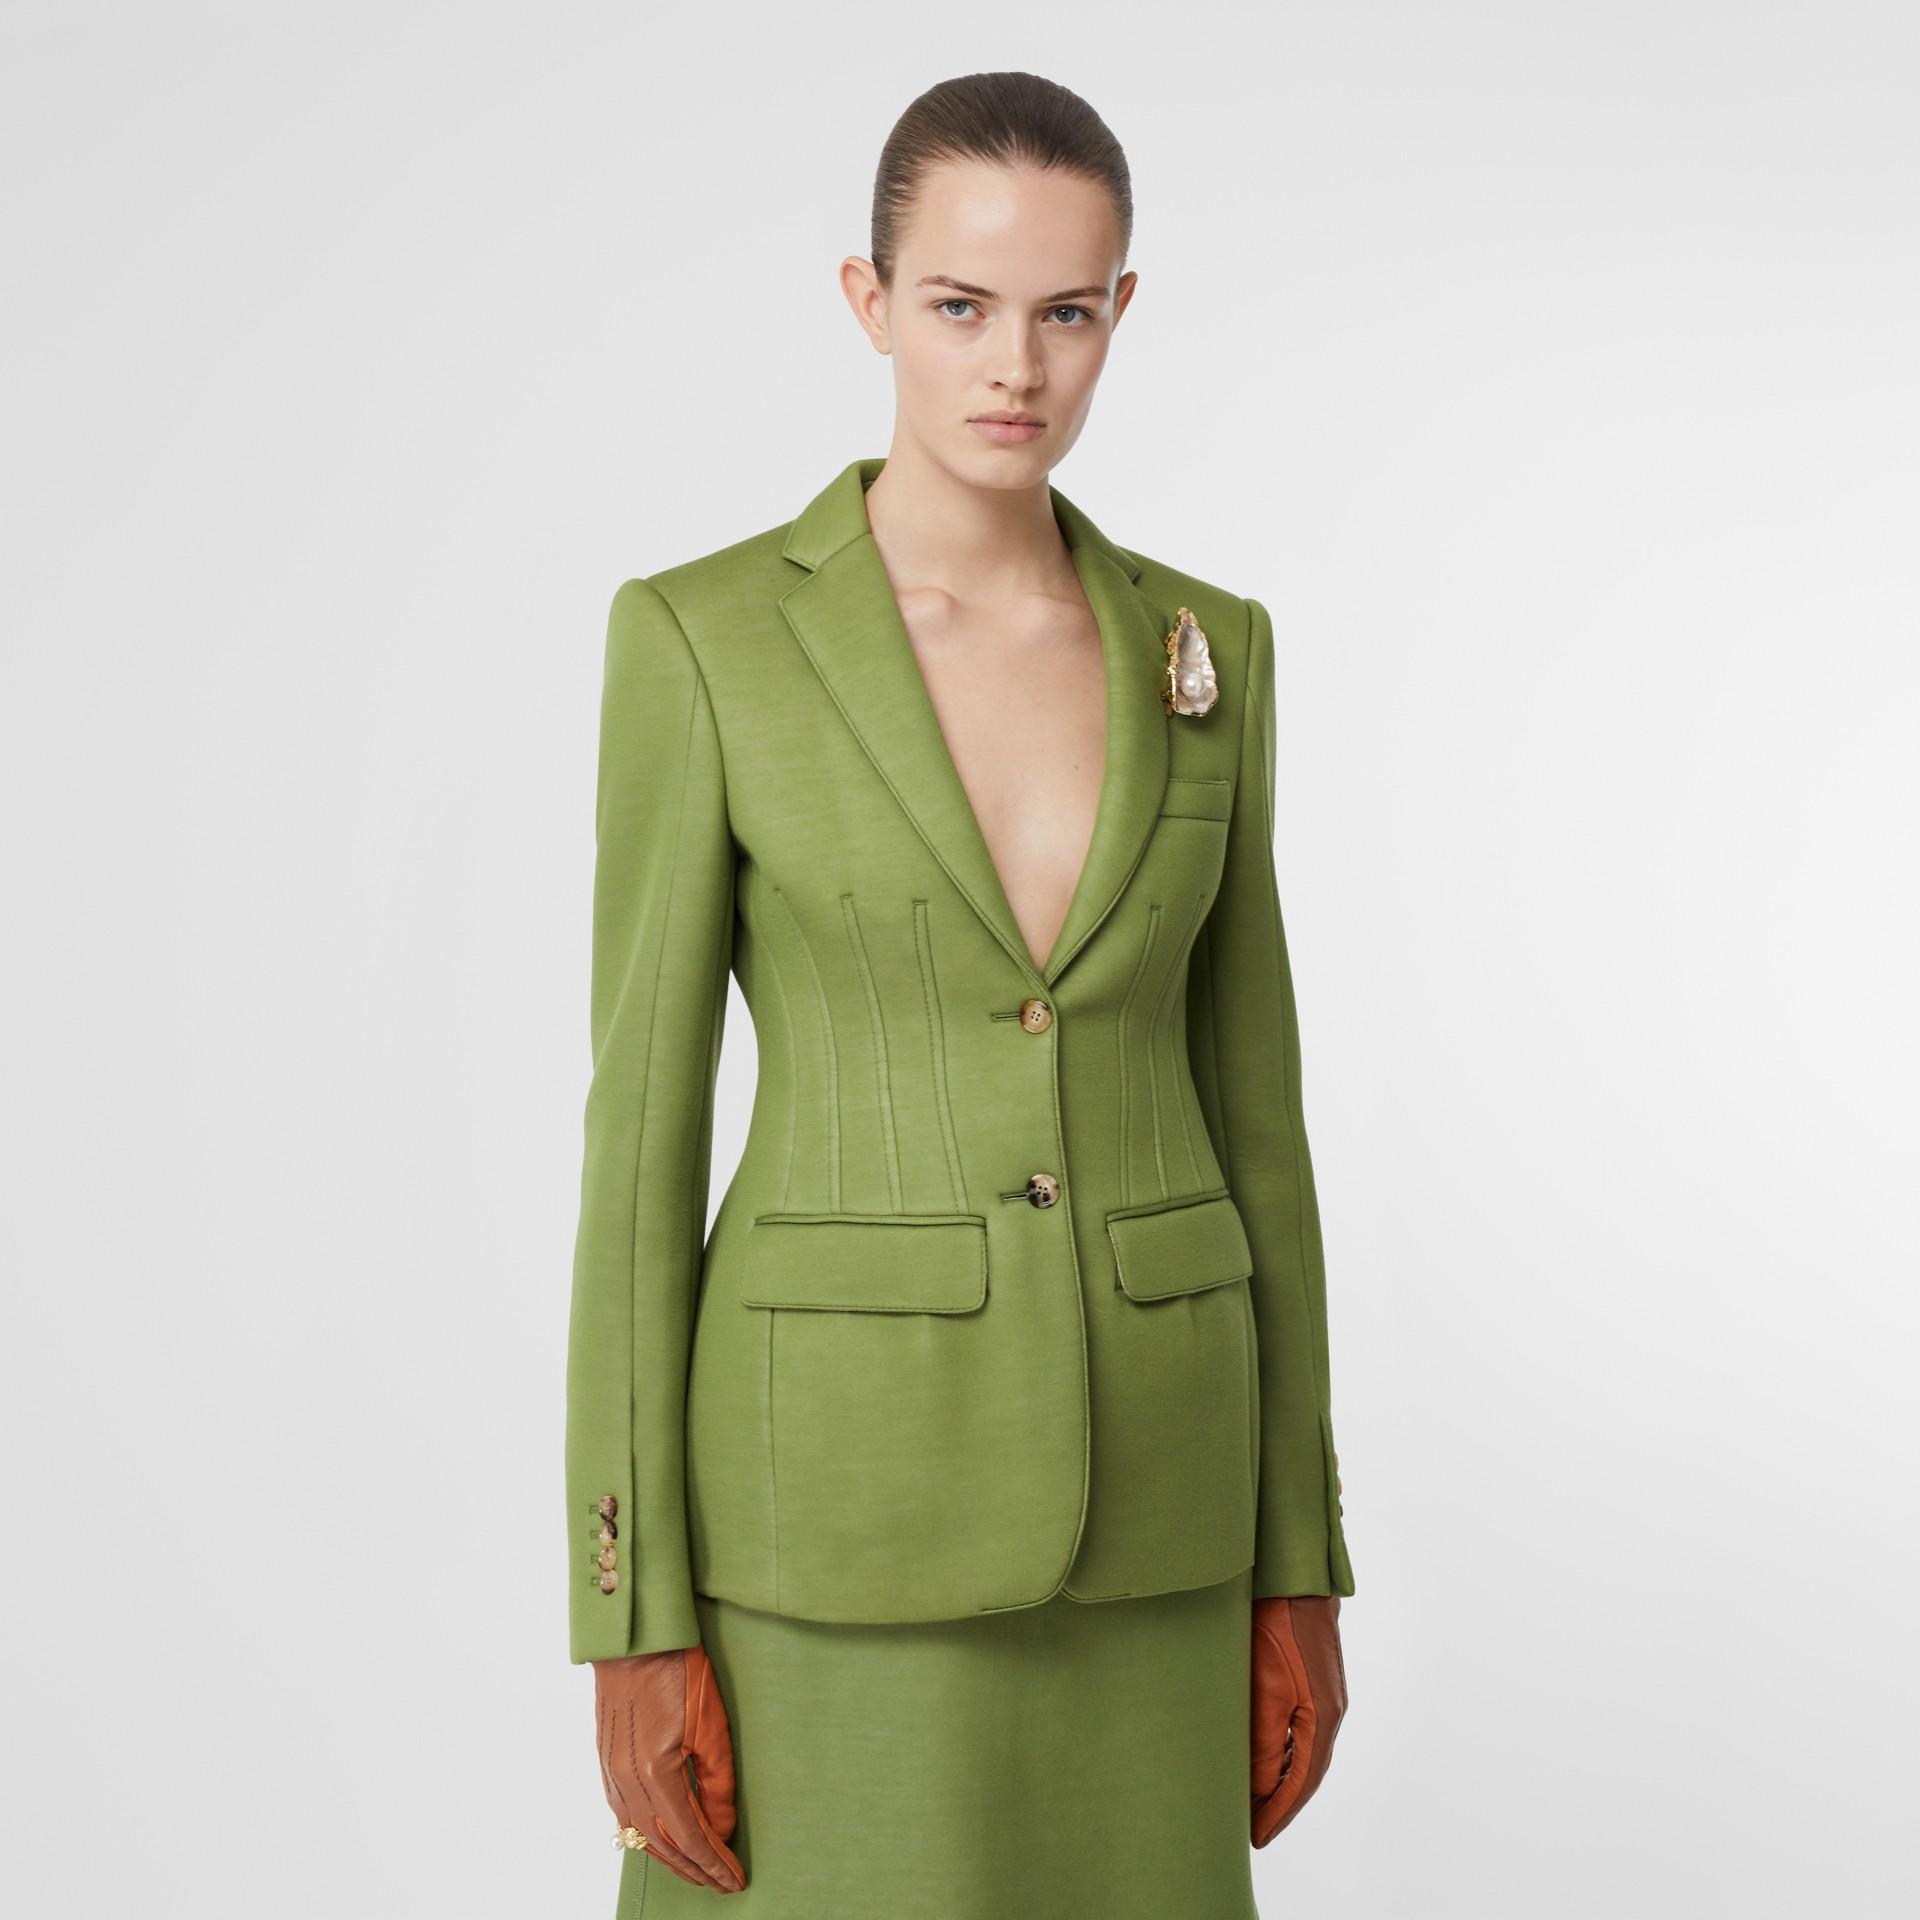 雙面氯丁橡膠套量裁製外套 (雪松綠) - 女款 | Burberry - 圖庫照片 4